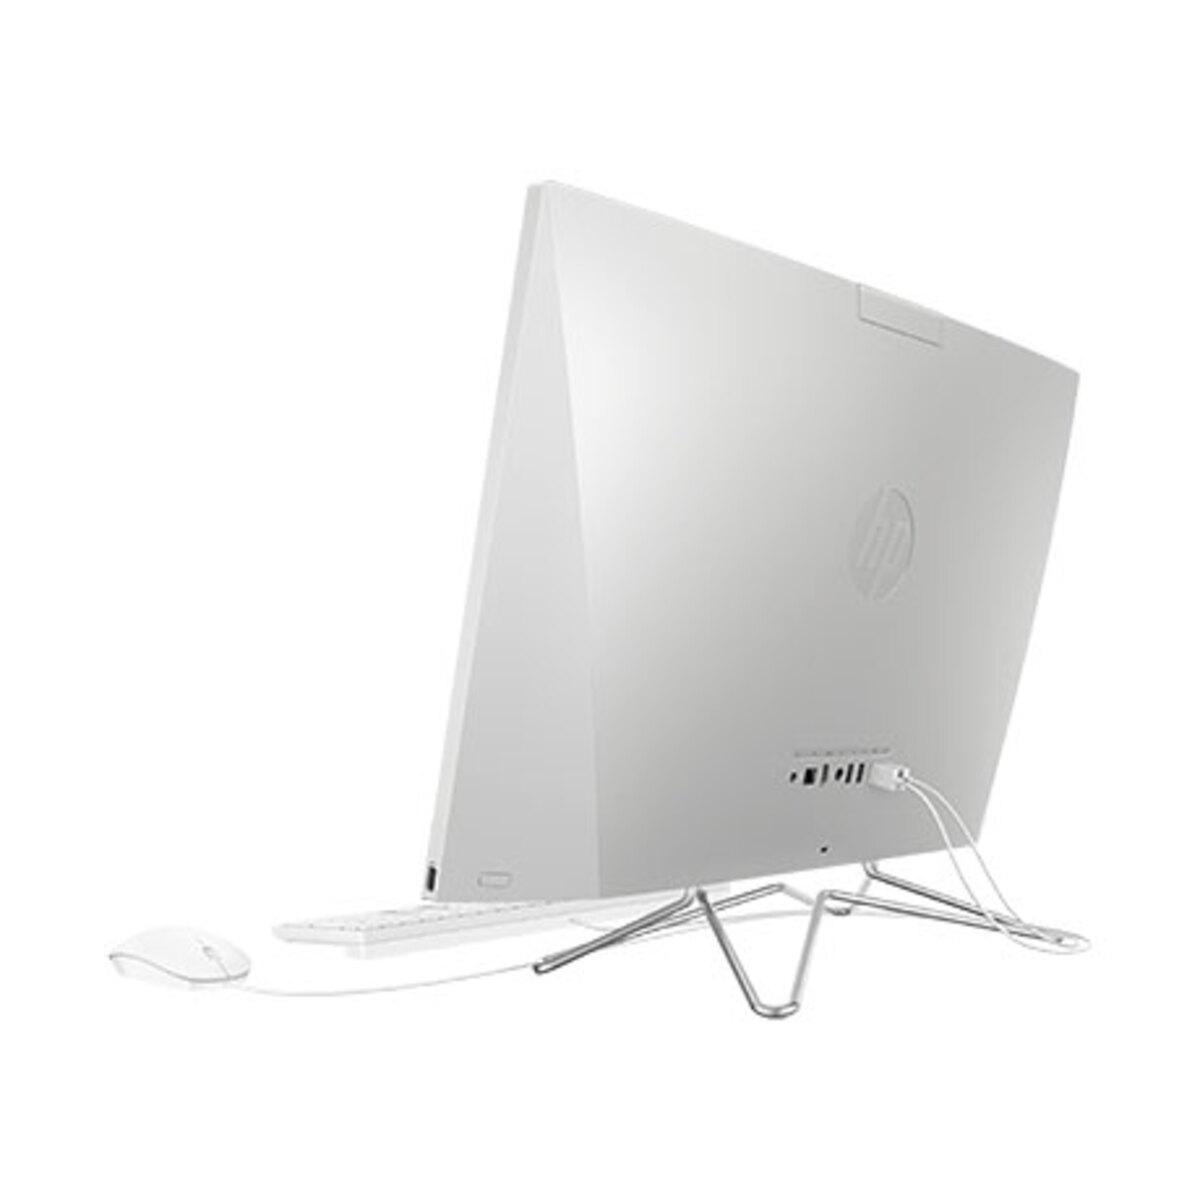 Bild 5 von HP 27-dp0511ng All-In-One-PC